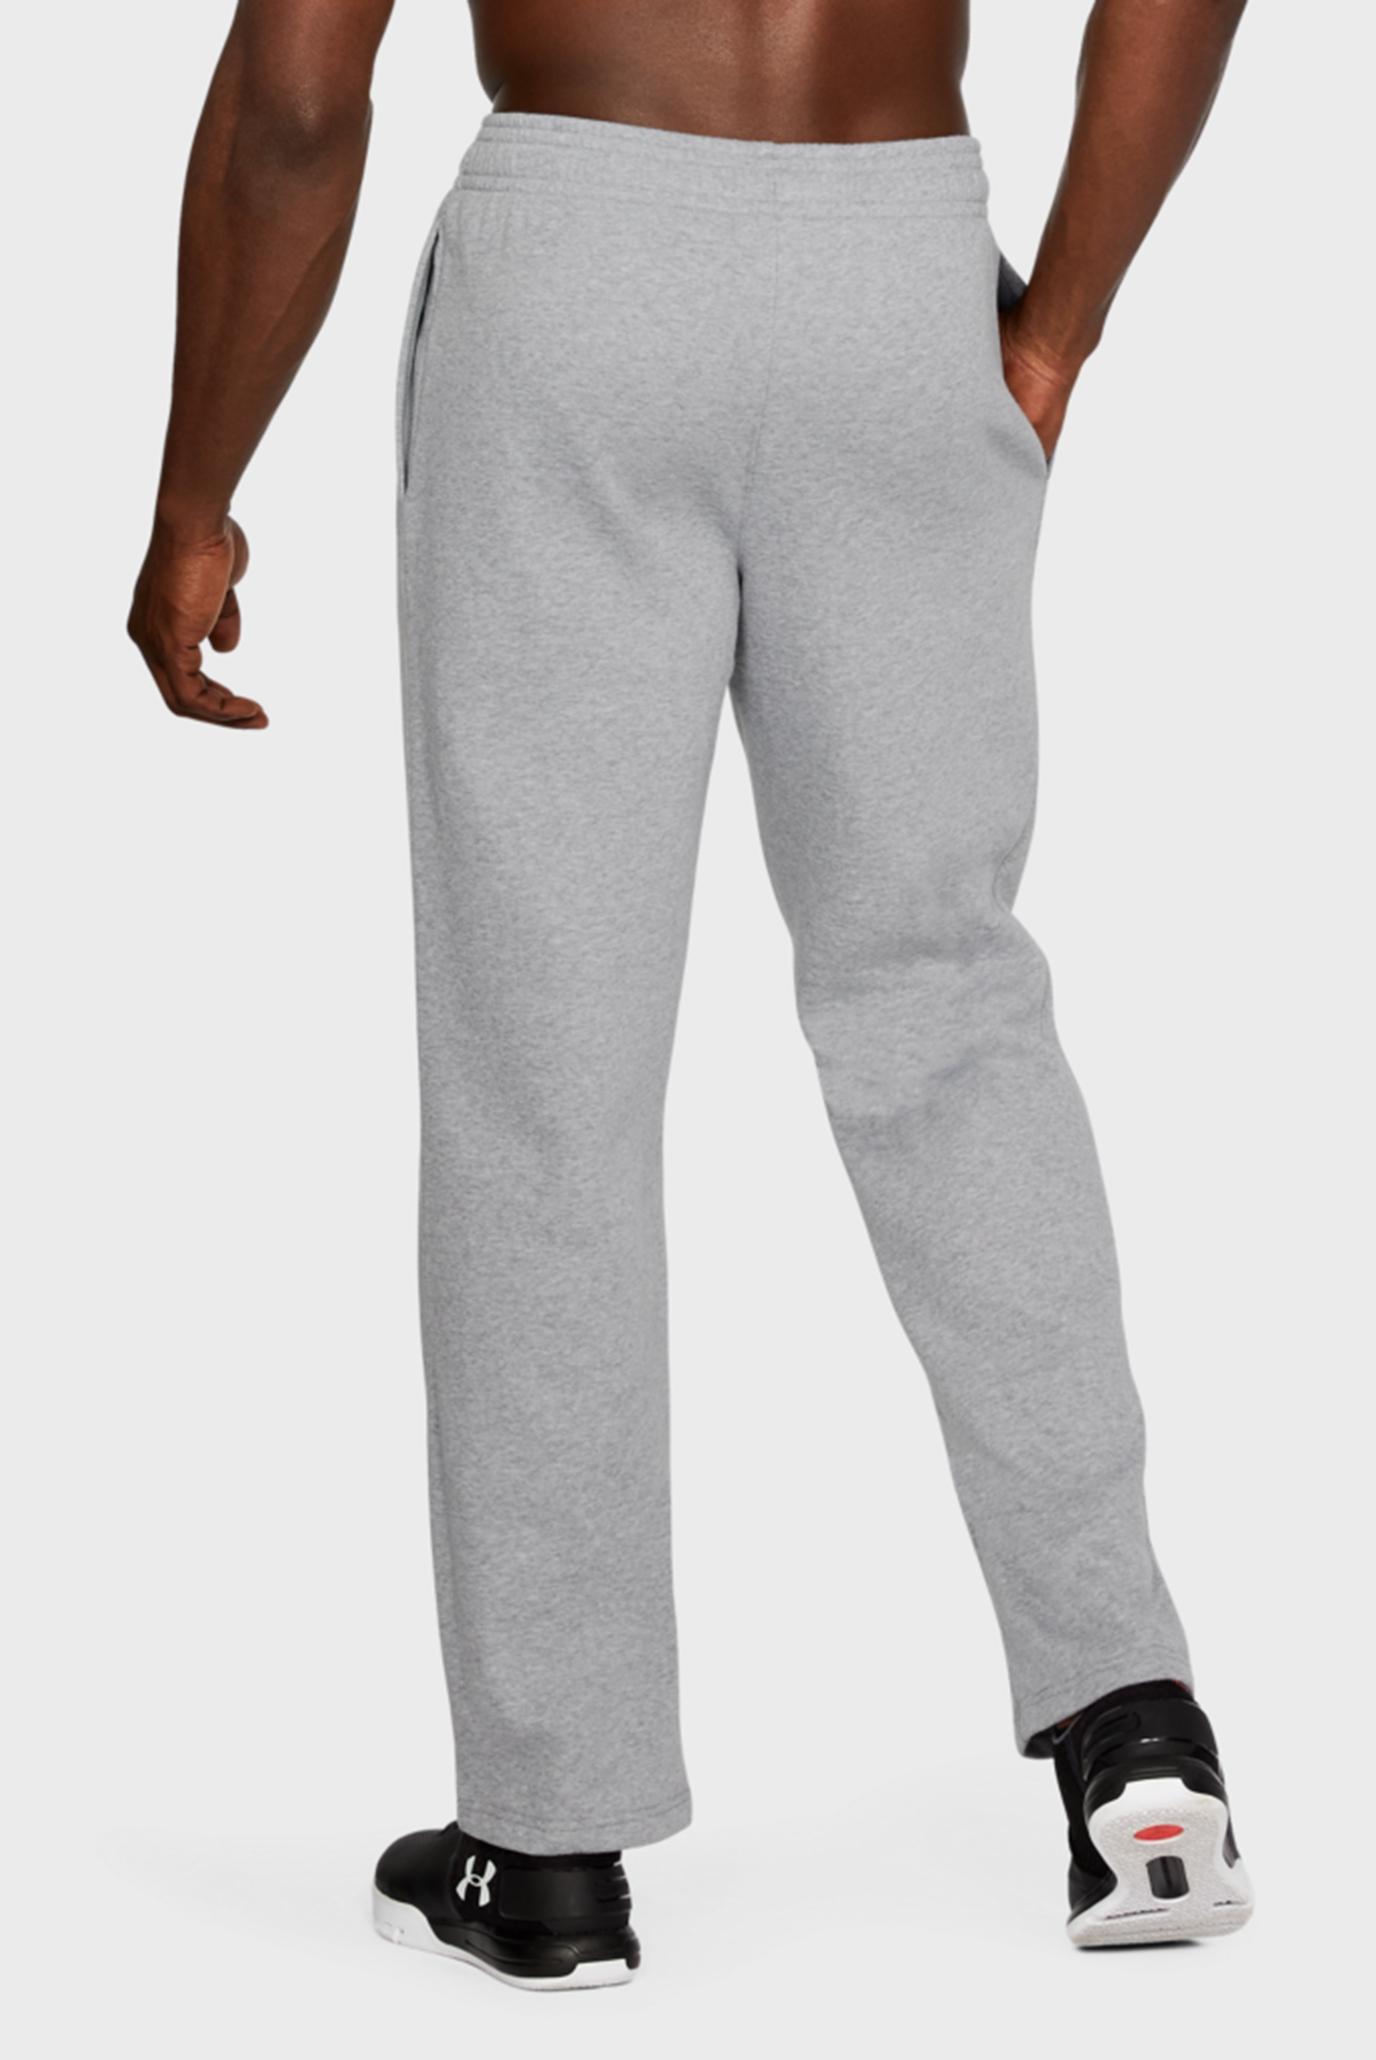 Купить Мужские спортивные брюки UA M's Hustle Fleece Pant Under Armour Under Armour 1300124-025 – Киев, Украина. Цены в интернет магазине MD Fashion